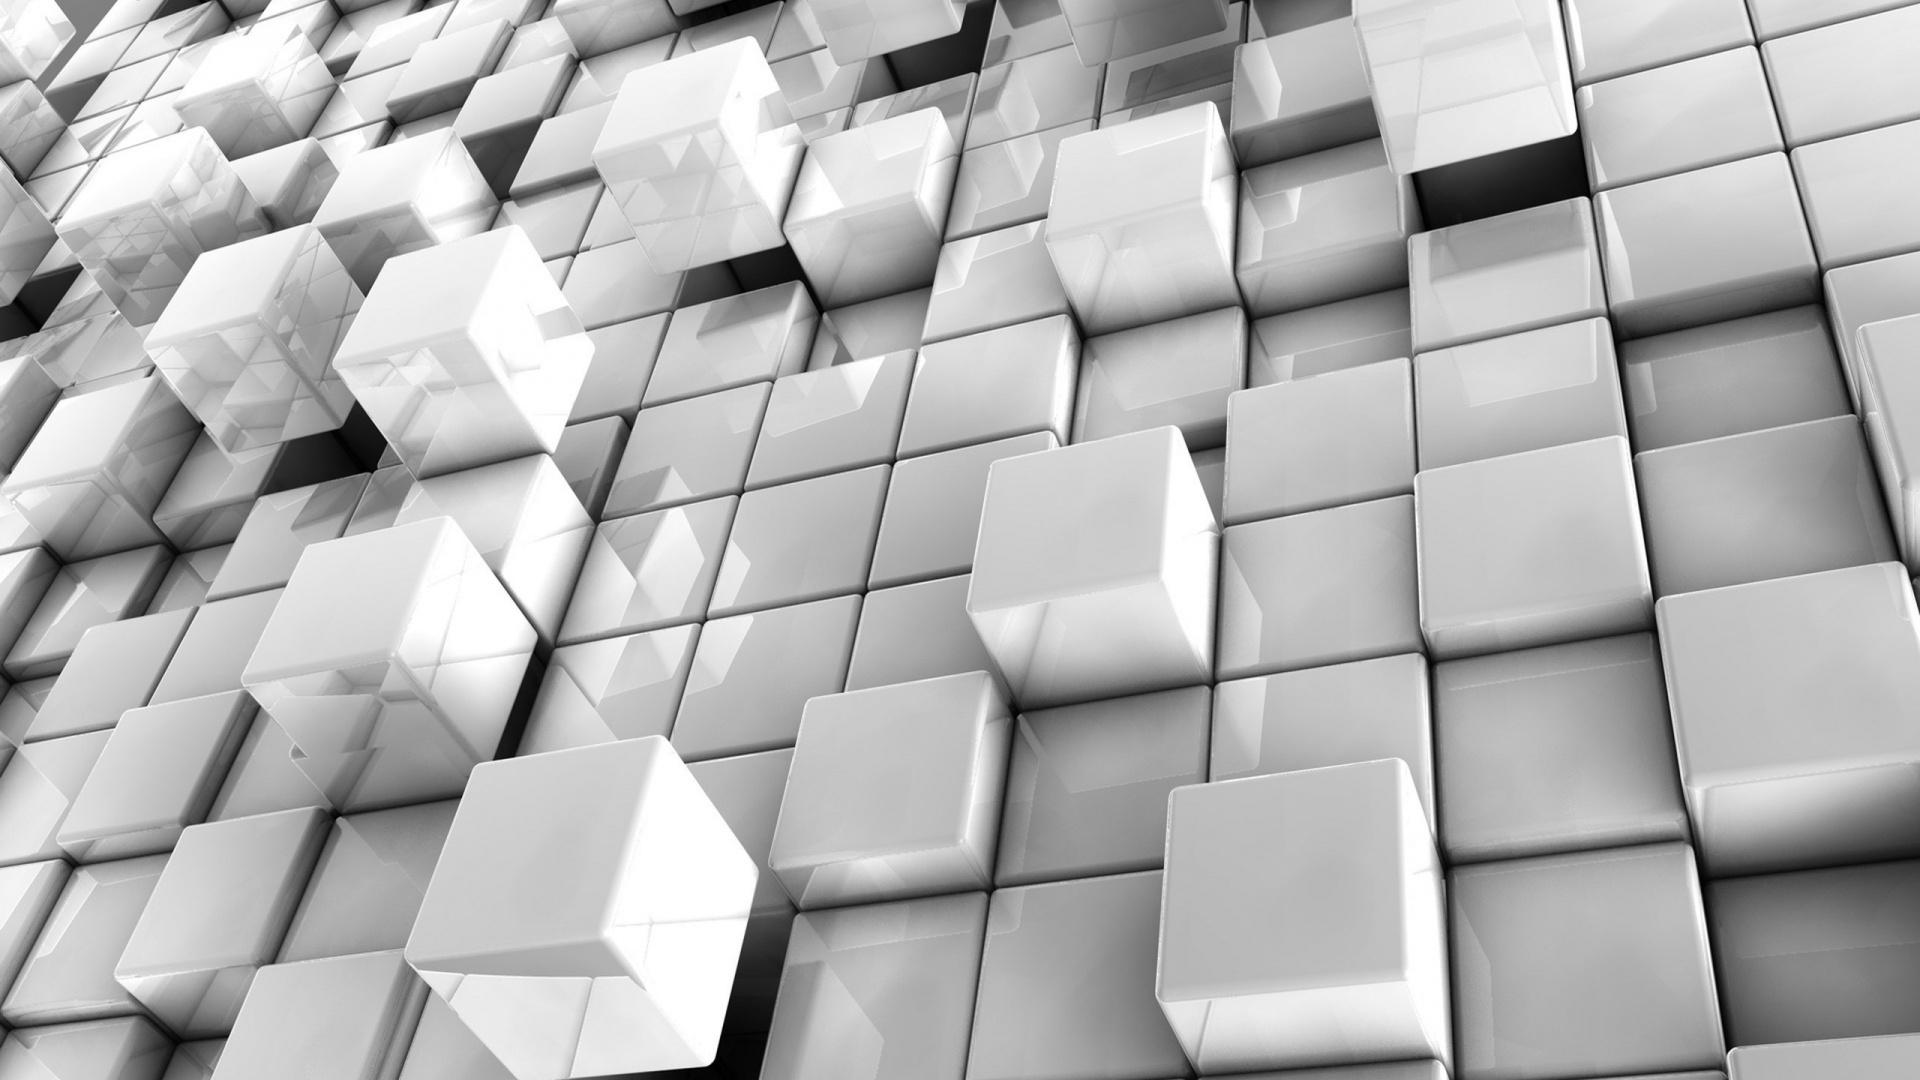 Cubes wallpaper   793348 1920x1080